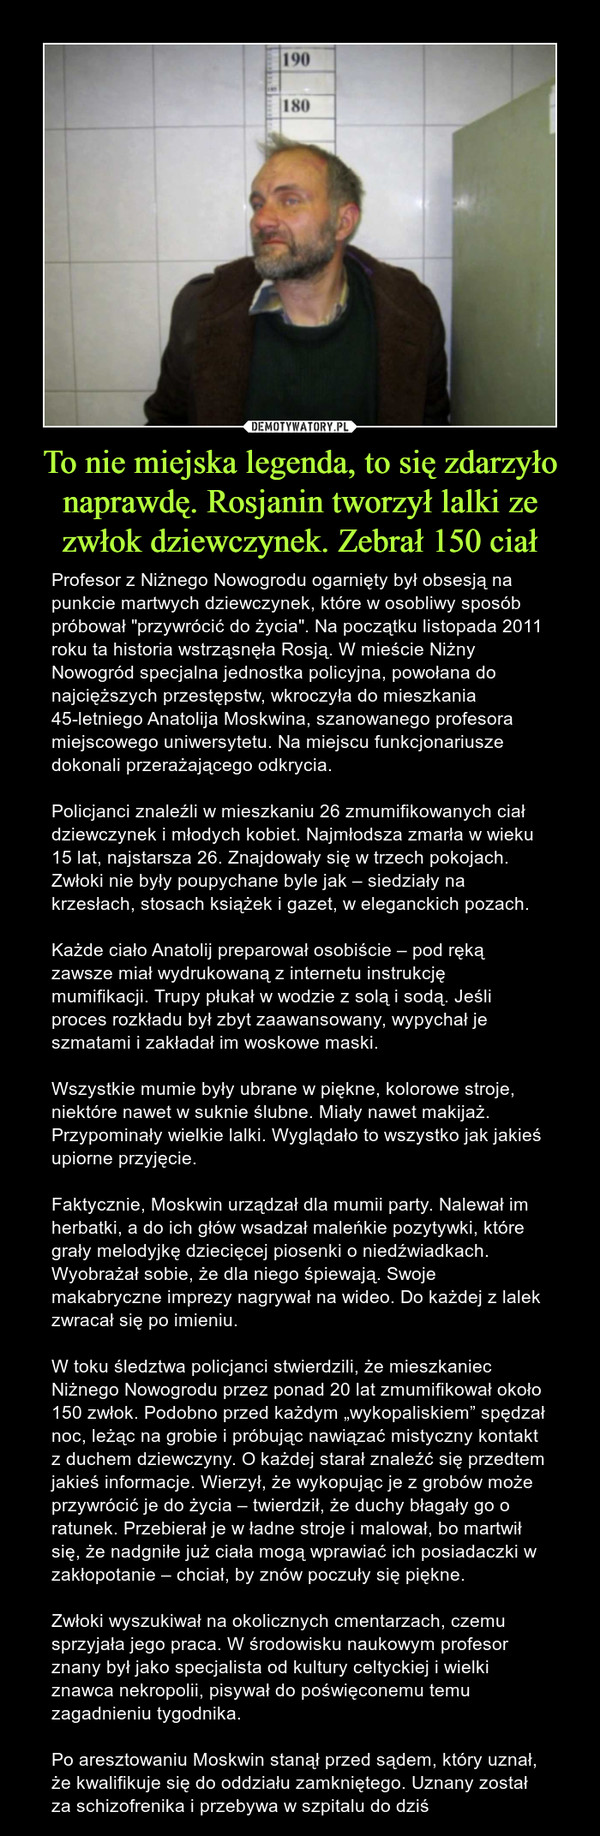 """To nie miejska legenda, to się zdarzyło naprawdę. Rosjanin tworzył lalki ze zwłok dziewczynek. Zebrał 150 ciał – Profesor z Niżnego Nowogrodu ogarnięty był obsesją na punkcie martwych dziewczynek, które w osobliwy sposób próbował """"przywrócić do życia"""". Na początku listopada 2011 roku ta historia wstrząsnęła Rosją. W mieście Niżny Nowogród specjalna jednostka policyjna, powołana do najcięższych przestępstw, wkroczyła do mieszkania 45-letniego Anatolija Moskwina, szanowanego profesora miejscowego uniwersytetu. Na miejscu funkcjonariusze dokonali przerażającego odkrycia.Policjanci znaleźli w mieszkaniu 26 zmumifikowanych ciał dziewczynek i młodych kobiet. Najmłodsza zmarła w wieku 15 lat, najstarsza 26. Znajdowały się w trzech pokojach. Zwłoki nie były poupychane byle jak – siedziały na krzesłach, stosach książek i gazet, w eleganckich pozach.Każde ciało Anatolij preparował osobiście – pod ręką zawsze miał wydrukowaną z internetu instrukcję mumifikacji. Trupy płukał w wodzie z solą i sodą. Jeśli proces rozkładu był zbyt zaawansowany, wypychał je szmatami i zakładał im woskowe maski.Wszystkie mumie były ubrane w piękne, kolorowe stroje, niektóre nawet w suknie ślubne. Miały nawet makijaż. Przypominały wielkie lalki. Wyglądało to wszystko jak jakieś upiorne przyjęcie.Faktycznie, Moskwin urządzał dla mumii party. Nalewał im herbatki, a do ich głów wsadzał maleńkie pozytywki, które grały melodyjkę dziecięcej piosenki o niedźwiadkach. Wyobrażał sobie, że dla niego śpiewają. Swoje makabryczne imprezy nagrywał na wideo. Do każdej z lalek zwracał się po imieniu.W toku śledztwa policjanci stwierdzili, że mieszkaniec Niżnego Nowogrodu przez ponad 20 lat zmumifikował około 150 zwłok. Podobno przed każdym """"wykopaliskiem"""" spędzał noc, leżąc na grobie i próbując nawiązać mistyczny kontakt z duchem dziewczyny. O każdej starał znaleźć się przedtem jakieś informacje. Wierzył, że wykopując je z grobów może przywrócić je do życia – twierdził, że duchy błagały go o ratunek. Przebierał je """